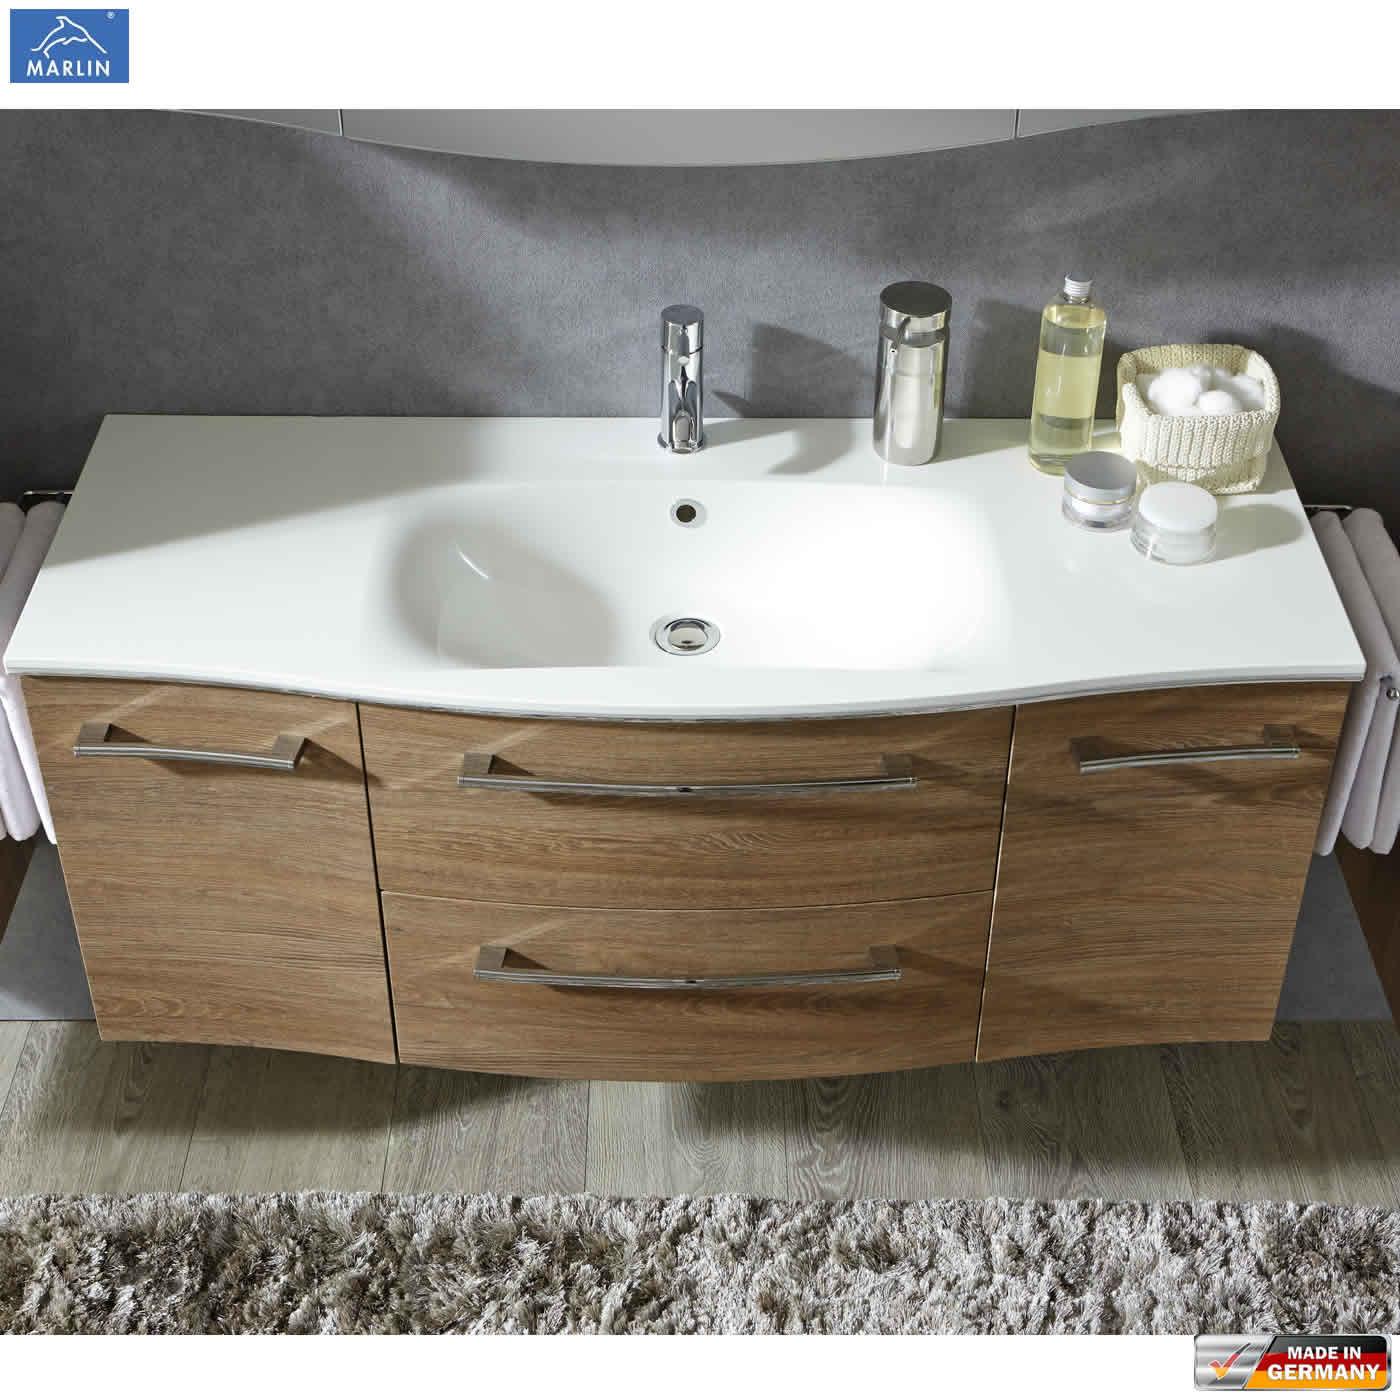 Waschtisch Mit Unterschrank 120 Cm  Marlin 3120 Waschtisch Set mit 120 cm Mineral Waschtisch